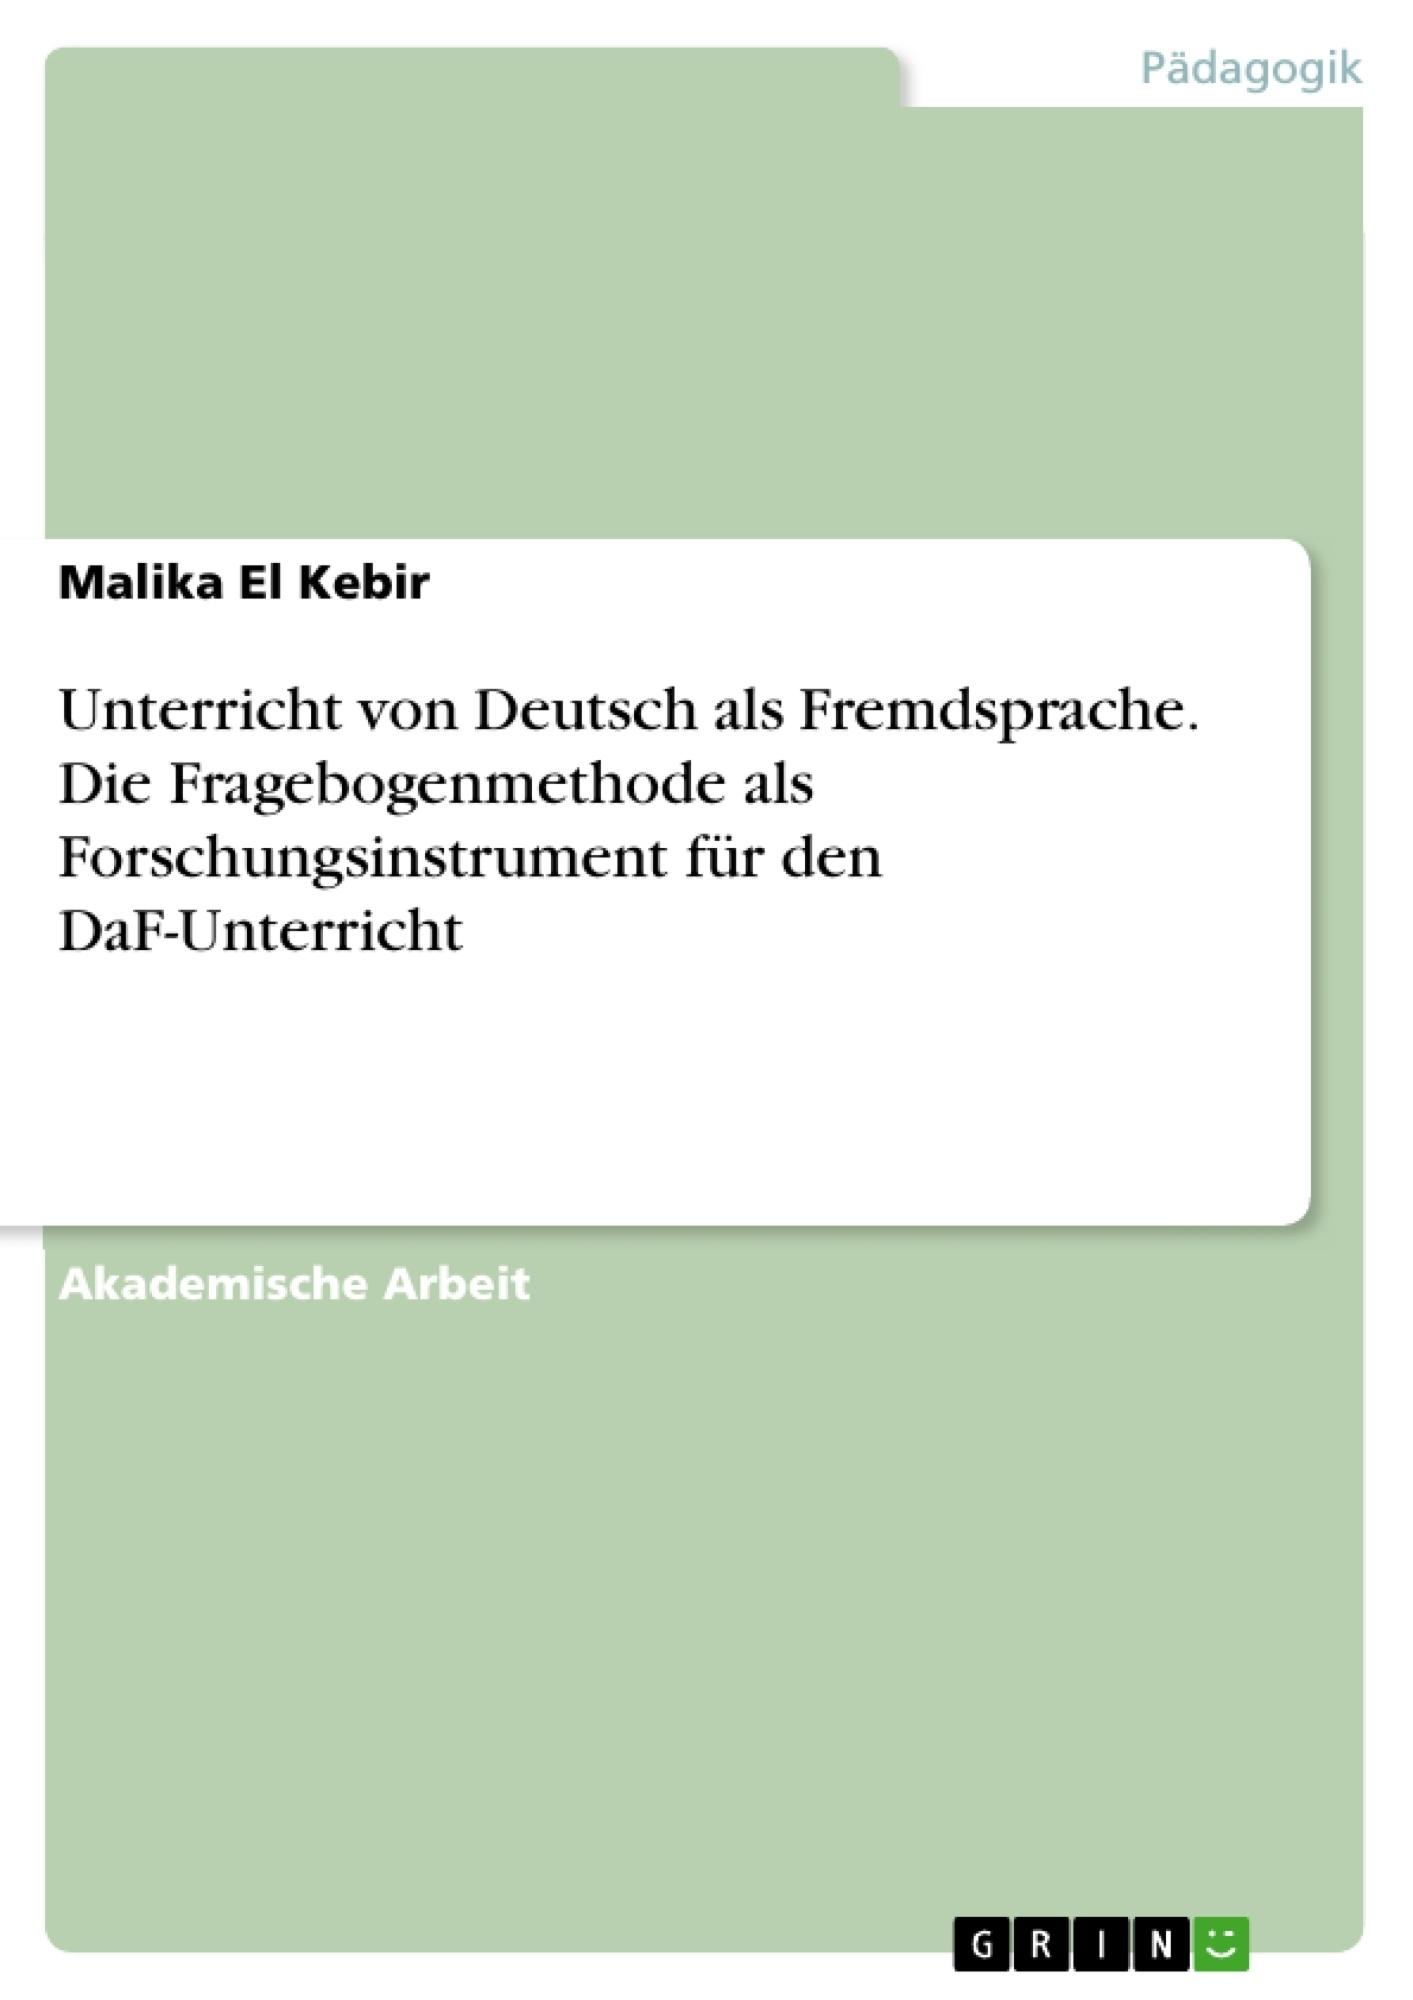 Titel: Unterricht von Deutsch als Fremdsprache. Die Fragebogenmethode als Forschungsinstrument für den DaF-Unterricht